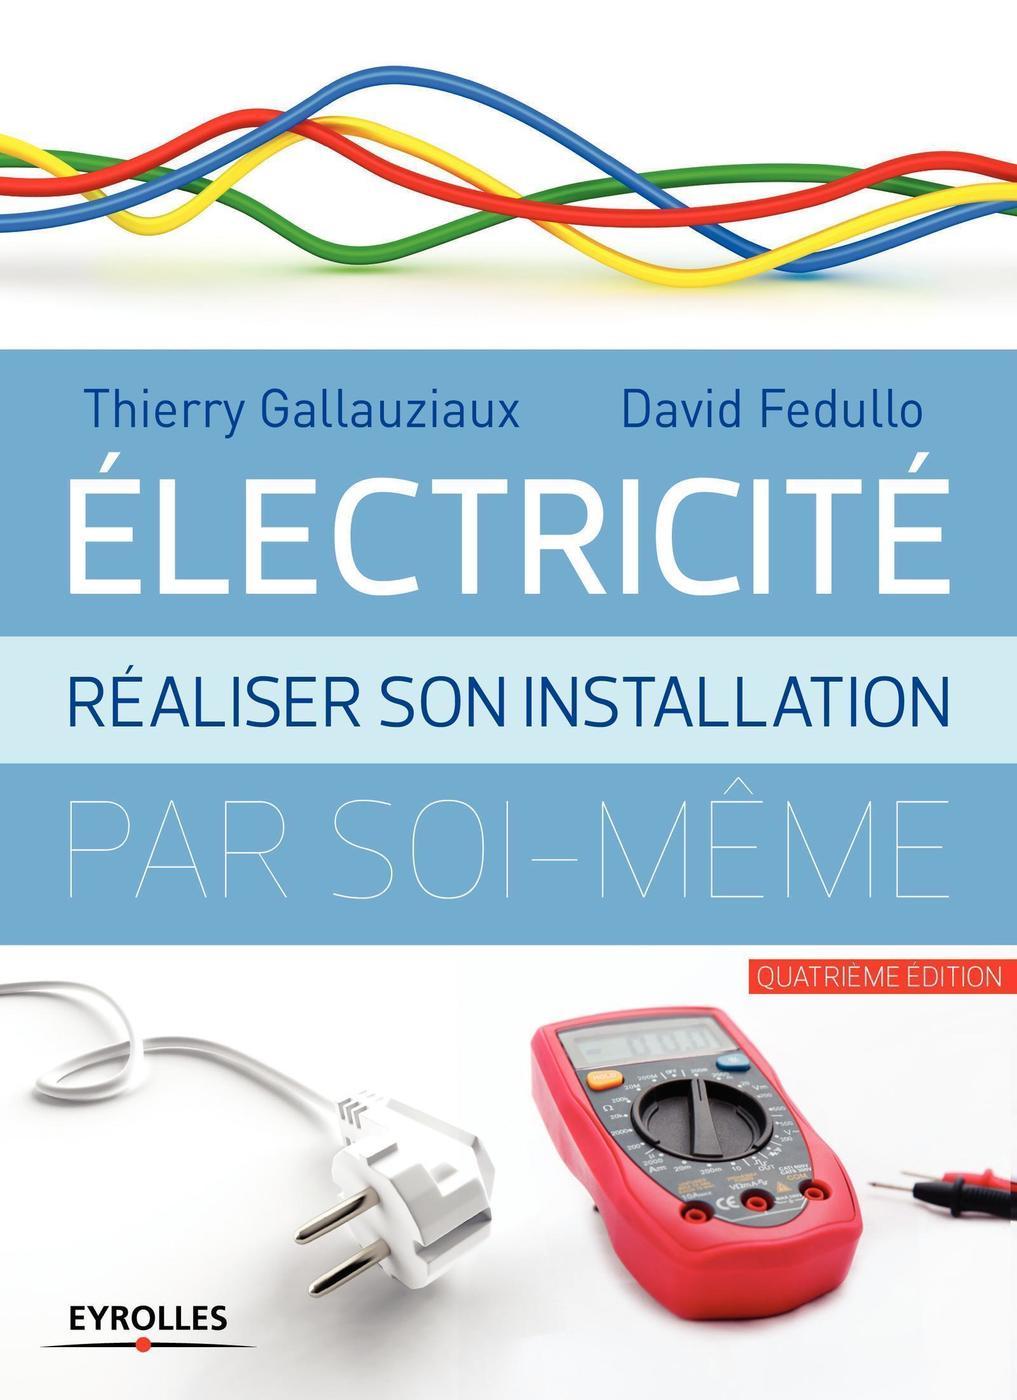 Renovation Electrique Soi Meme electricité - réaliser son installation électrique par soi-même - -  librairie eyrolles